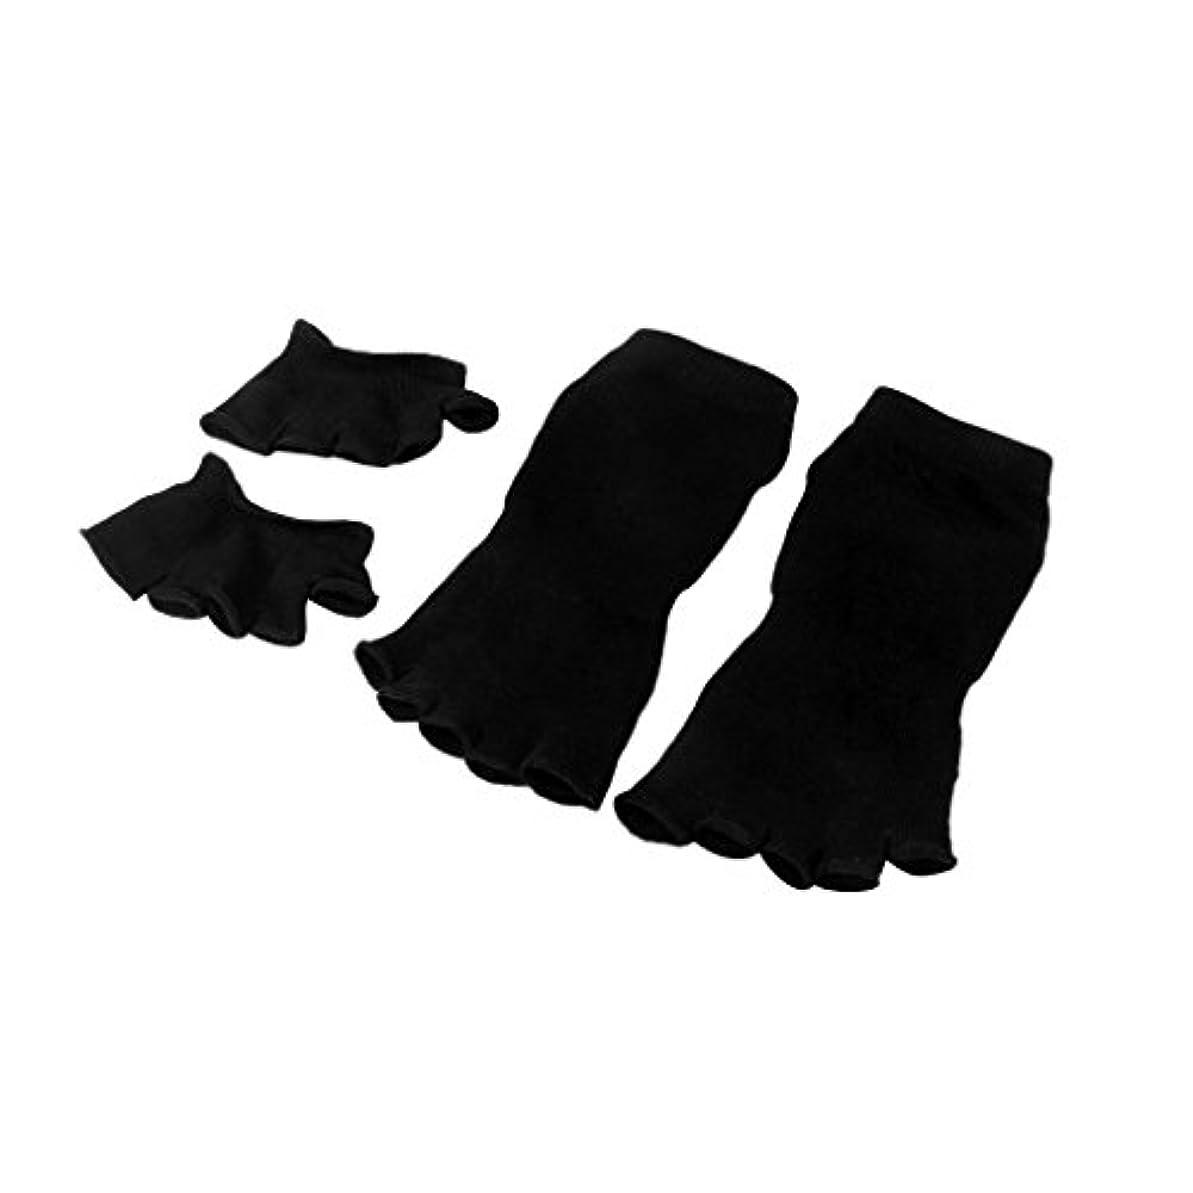 もう一度染料ダイジェスト【Footful】ソックス 靴下 5本指つま先ソックス+爽快指の間カバー 4枚組 黒